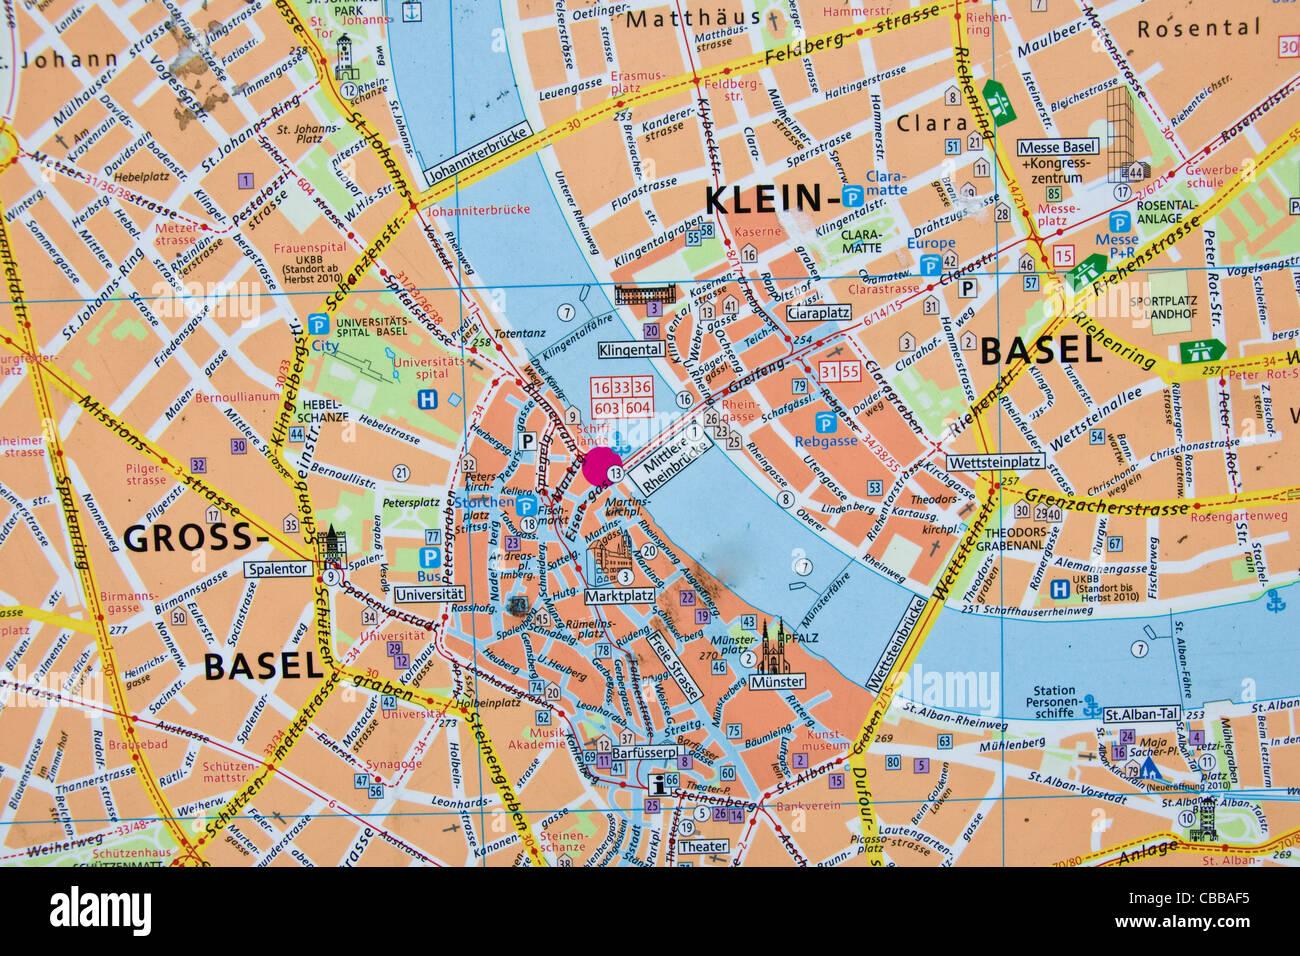 basel karte Die Innenstadt von Karte, Basel, Schweiz Stockfoto, Bild: 41431689  basel karte